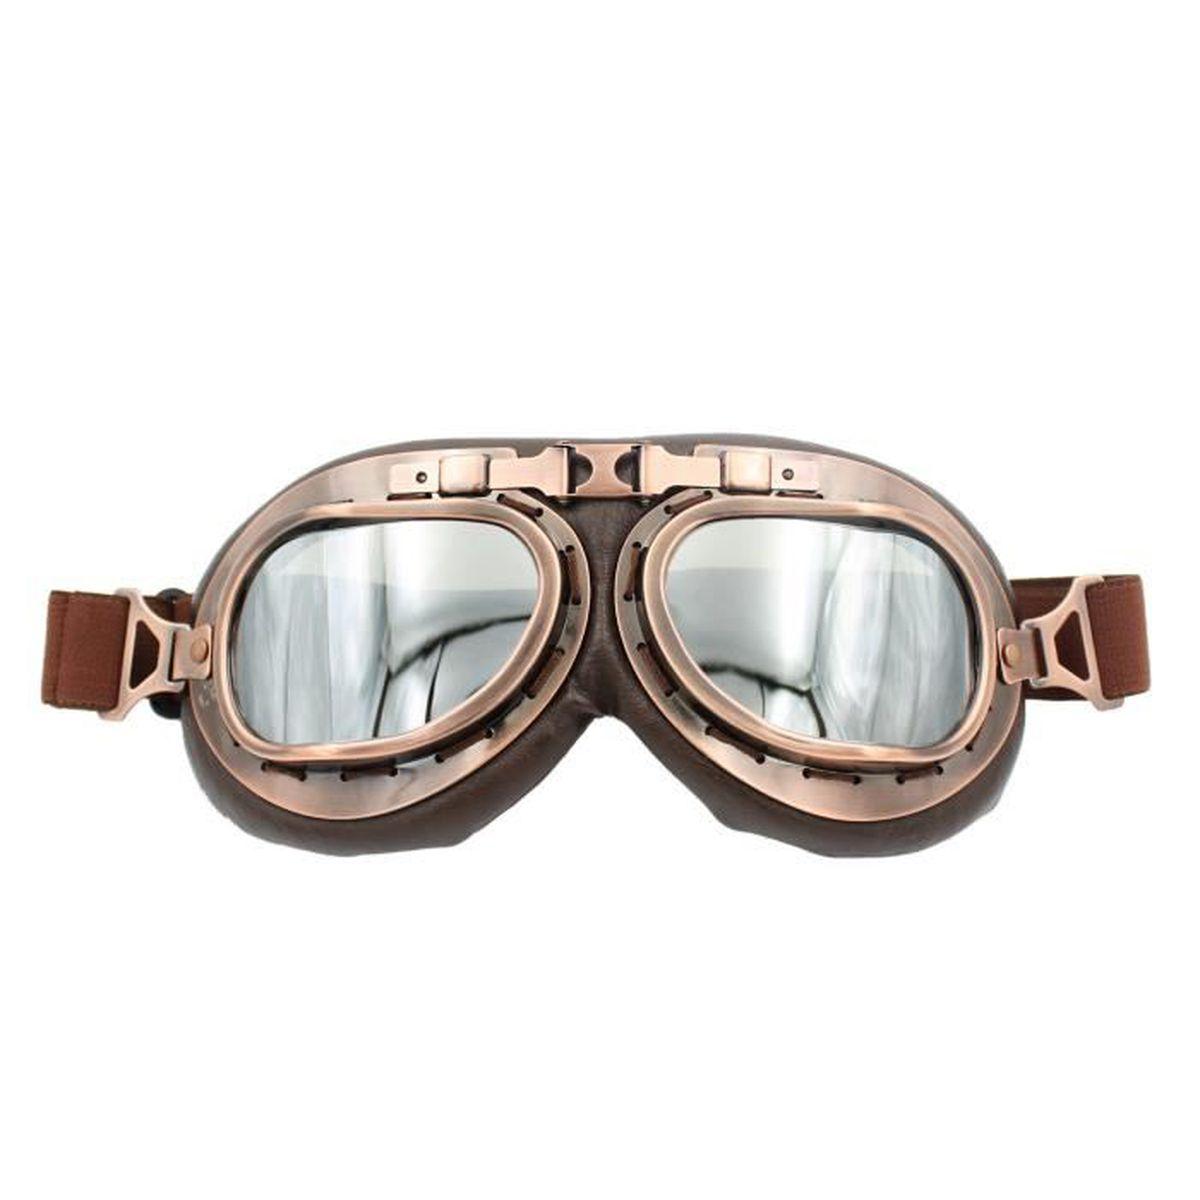 Lunette Moto aviateur vintage Argent Len - Achat   Vente lunettes ... 2905a9a03986